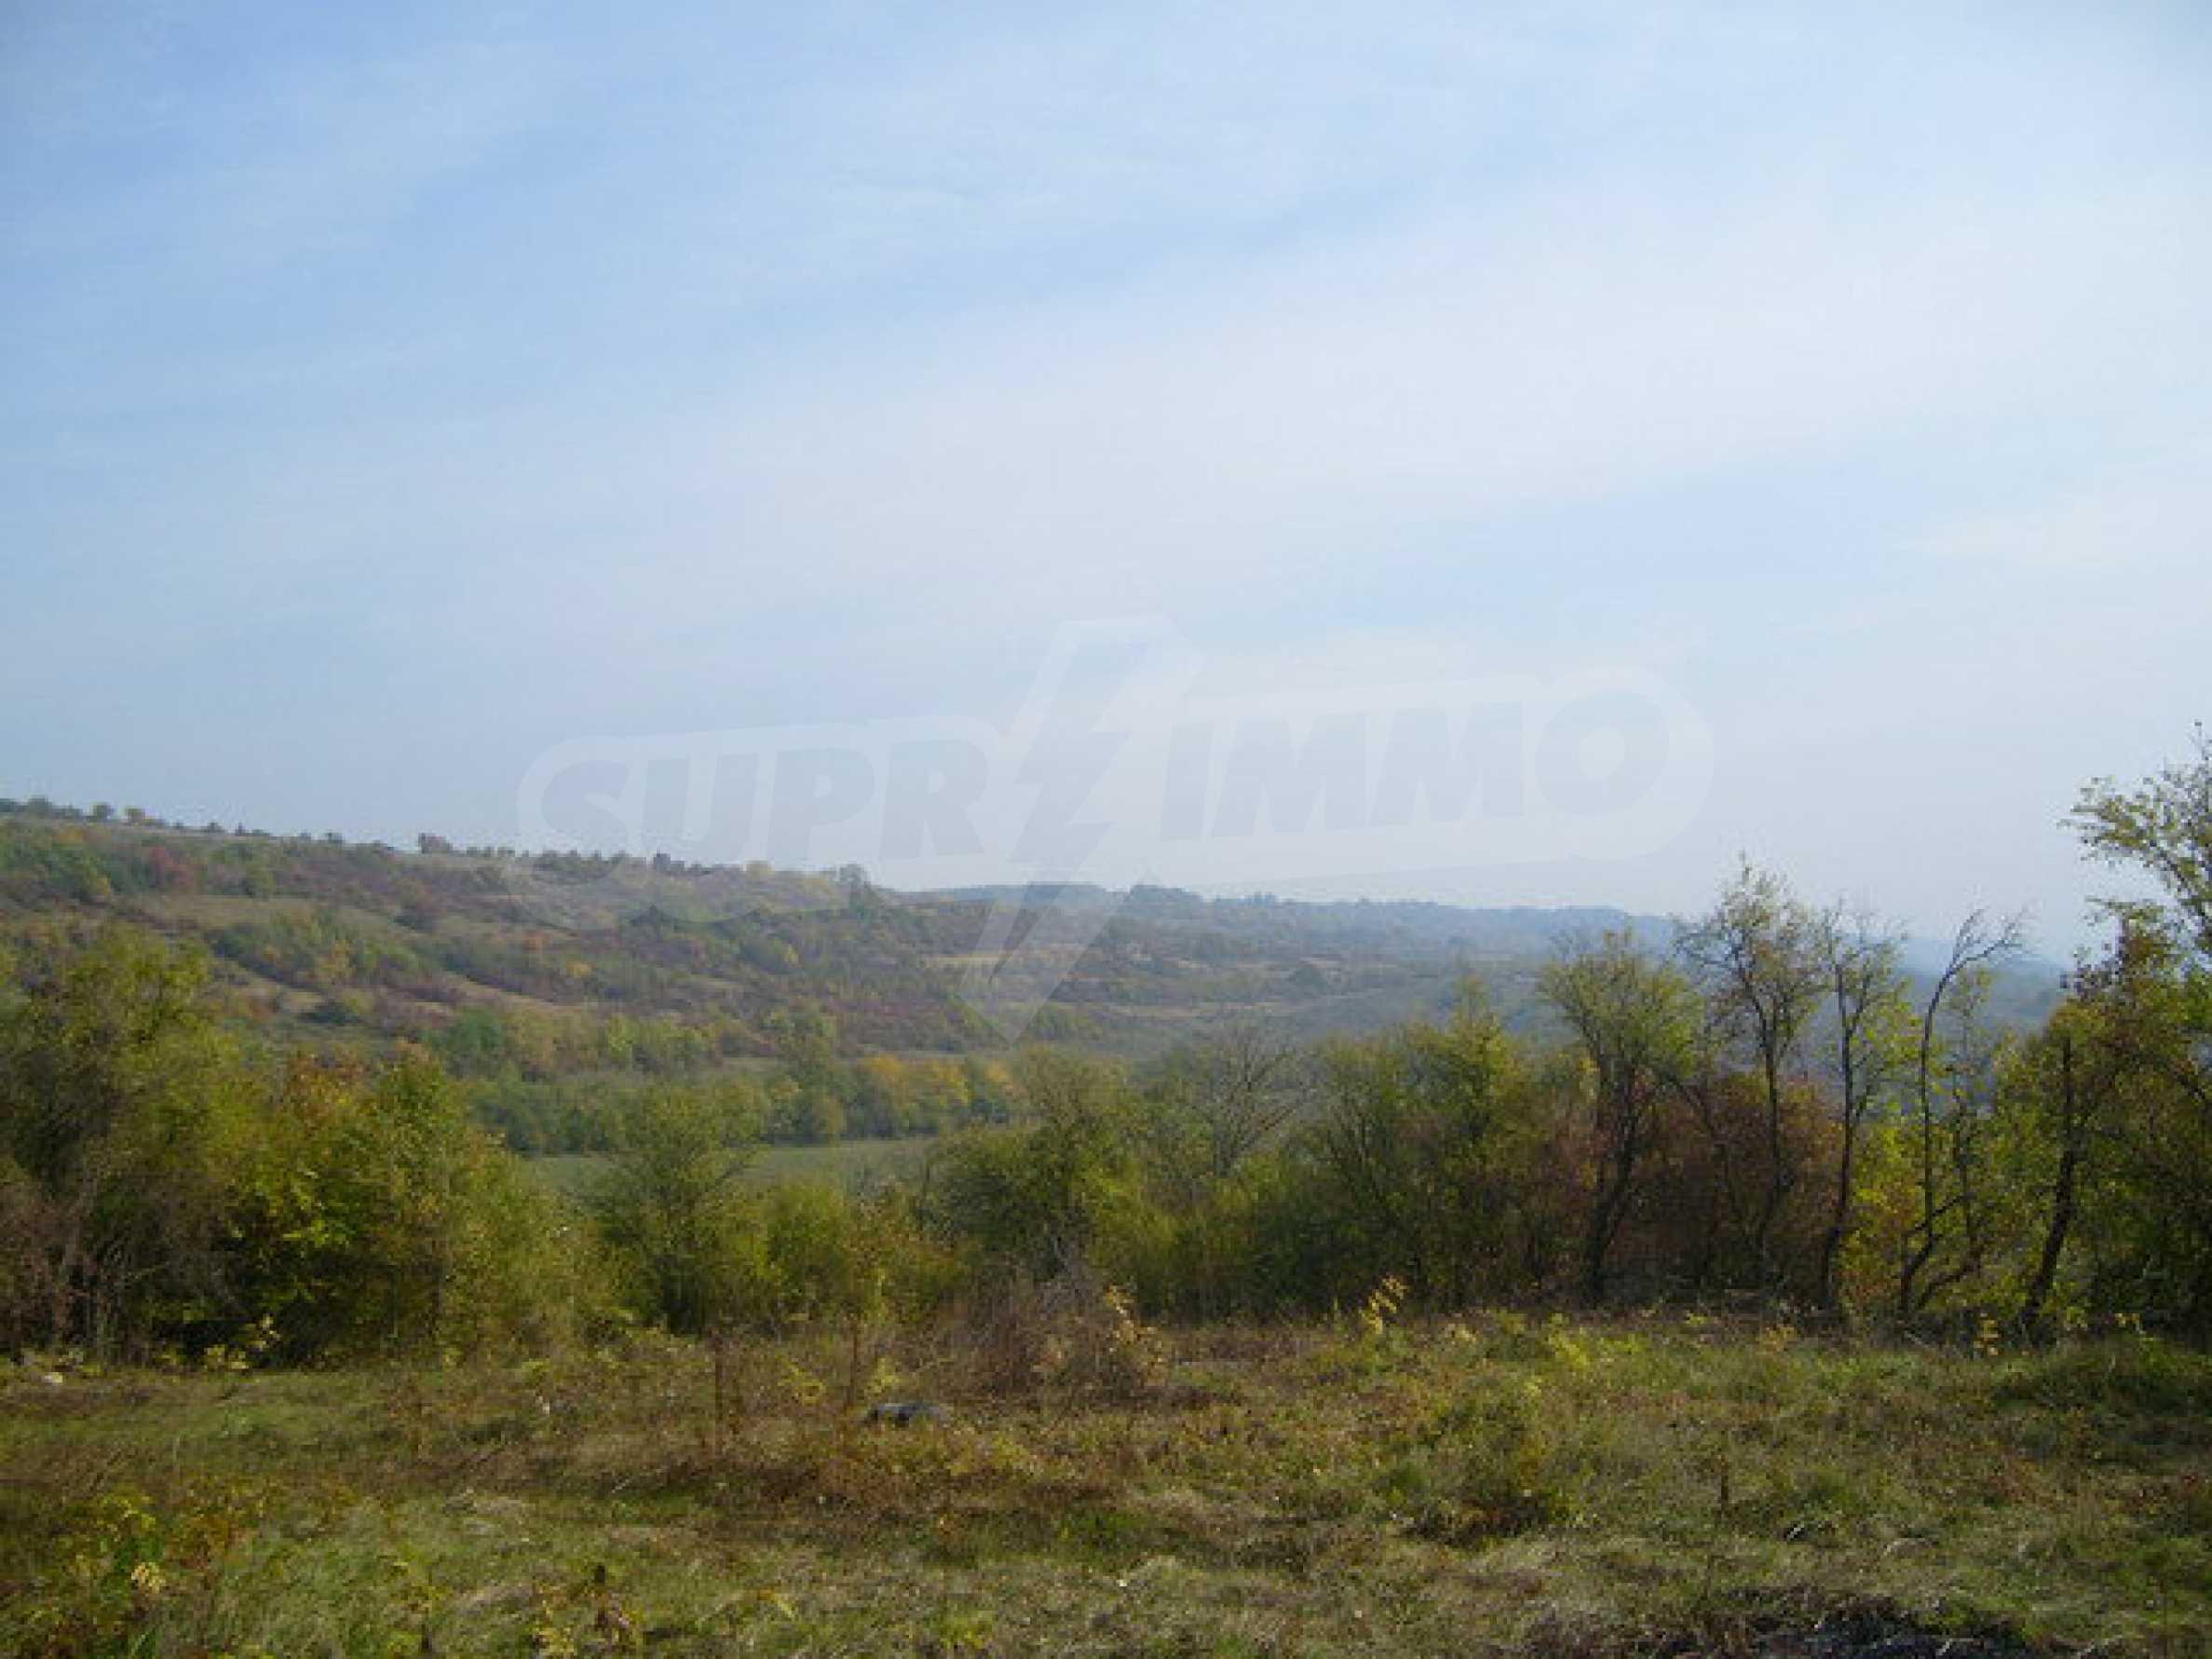 Земельный участок в деревне с красивым пейзажем 9